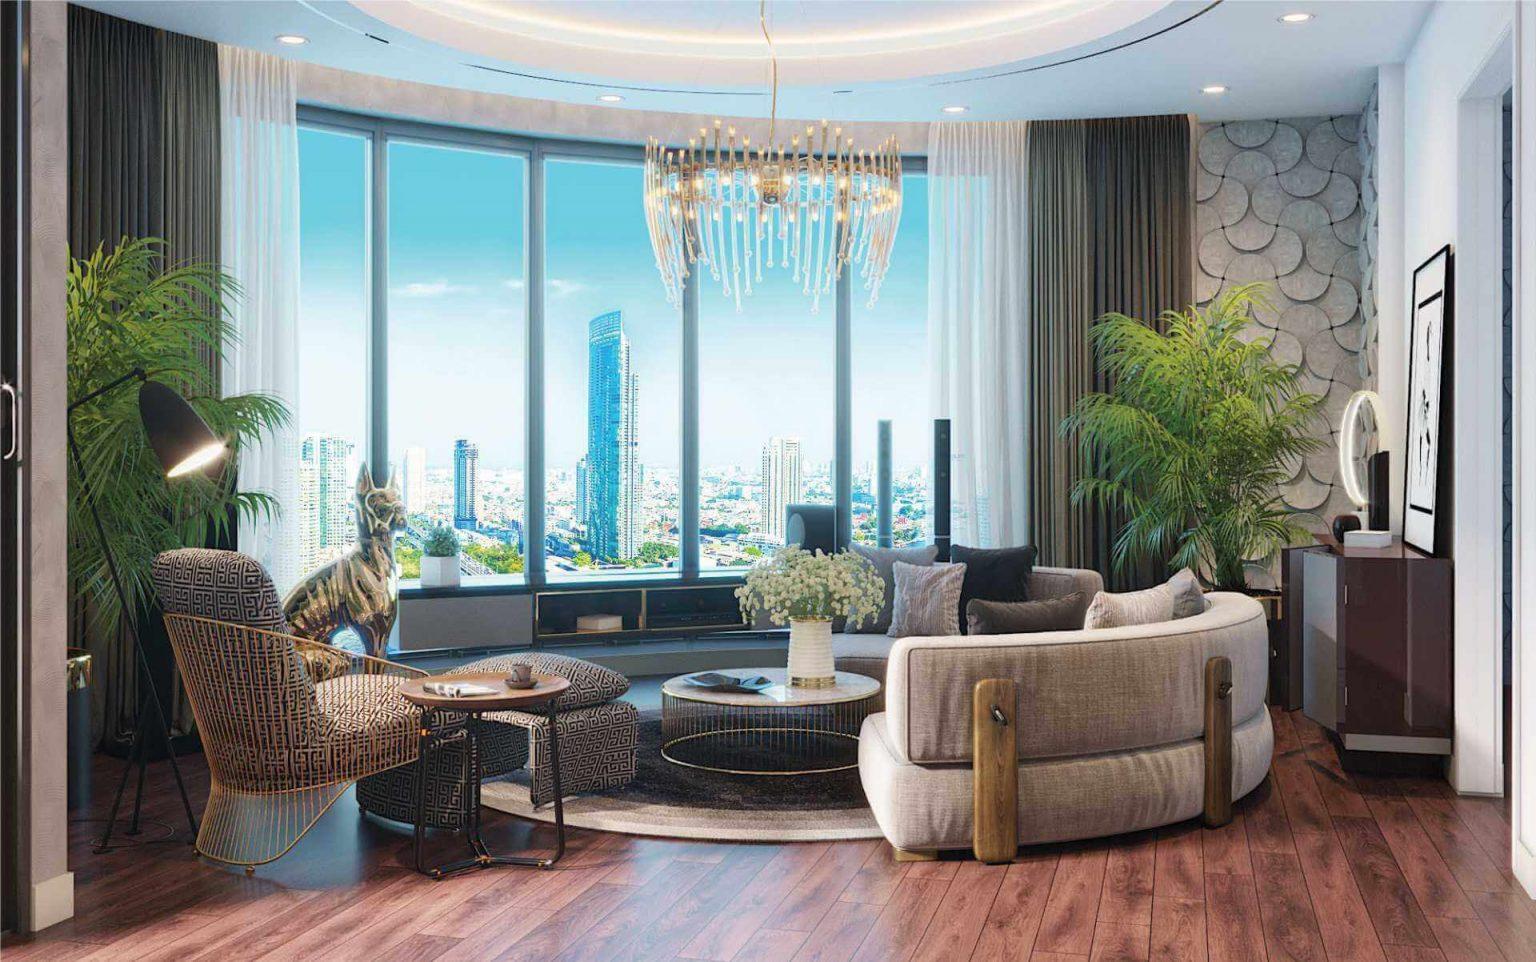 thu-vien-du-an-Calla-Apartment-quy-nhon-2-1536x962